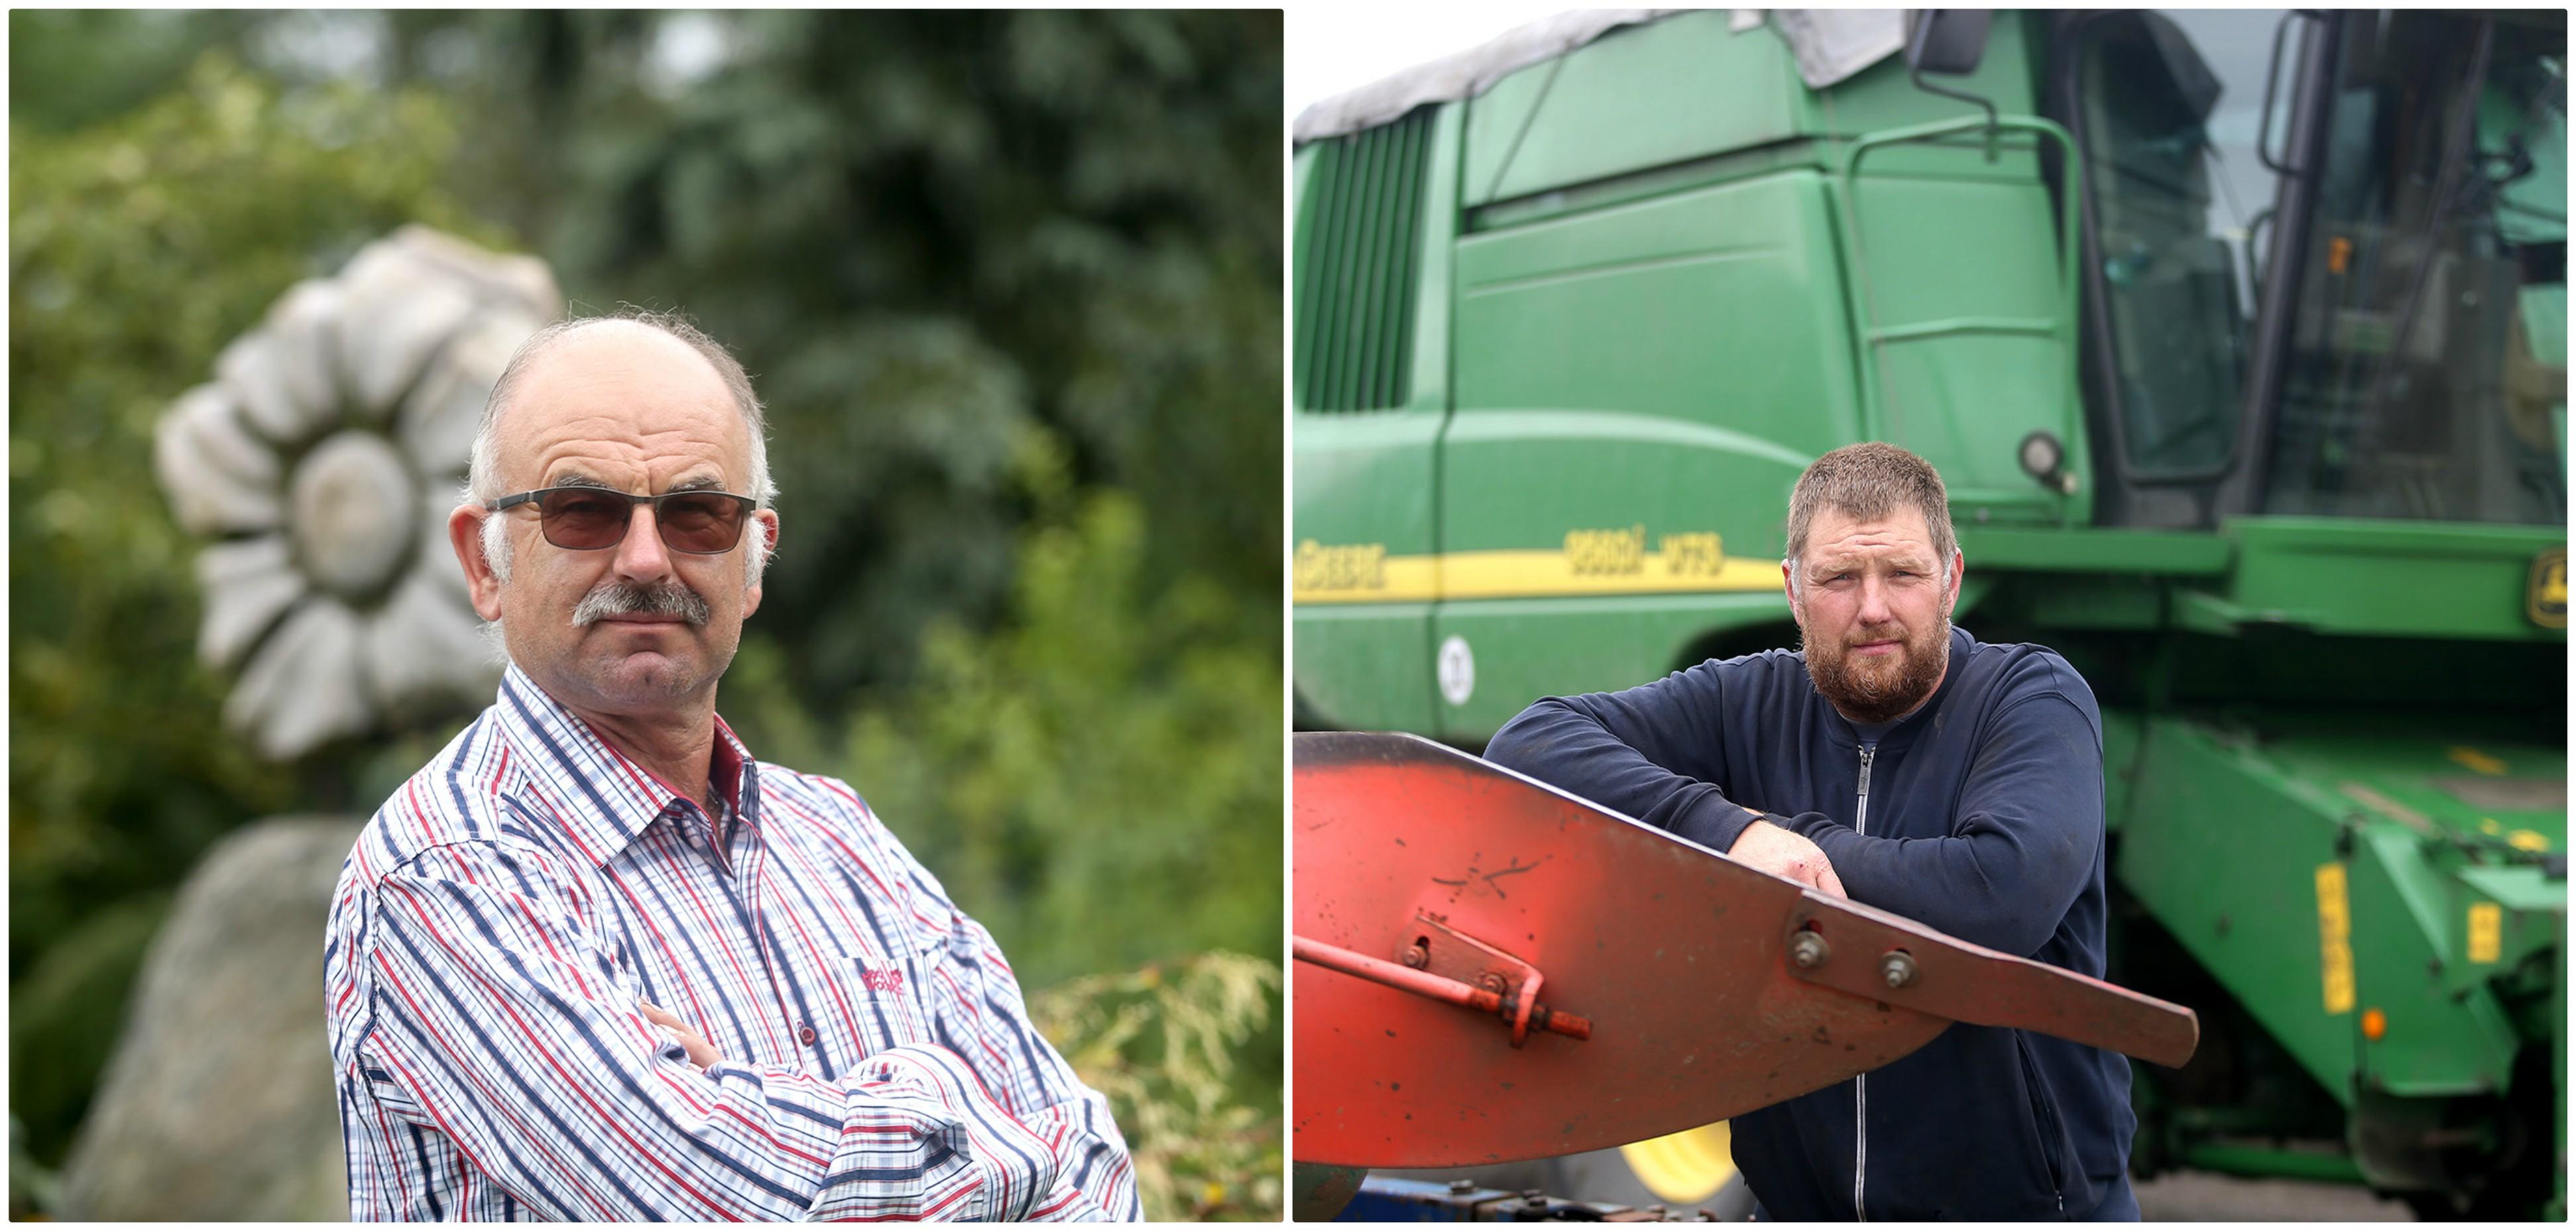 Ūkininkai Vigandas Petrėnas (kairėje) ir Darius Česevičius vieni iš tų, kuriems šiųmetė sausra padarė nemažai žalos ir jau dabar aiškėja, kad patirti nuostoliai sieks nemažas sumas./ Algimanto Barzdžiaus nuotr.